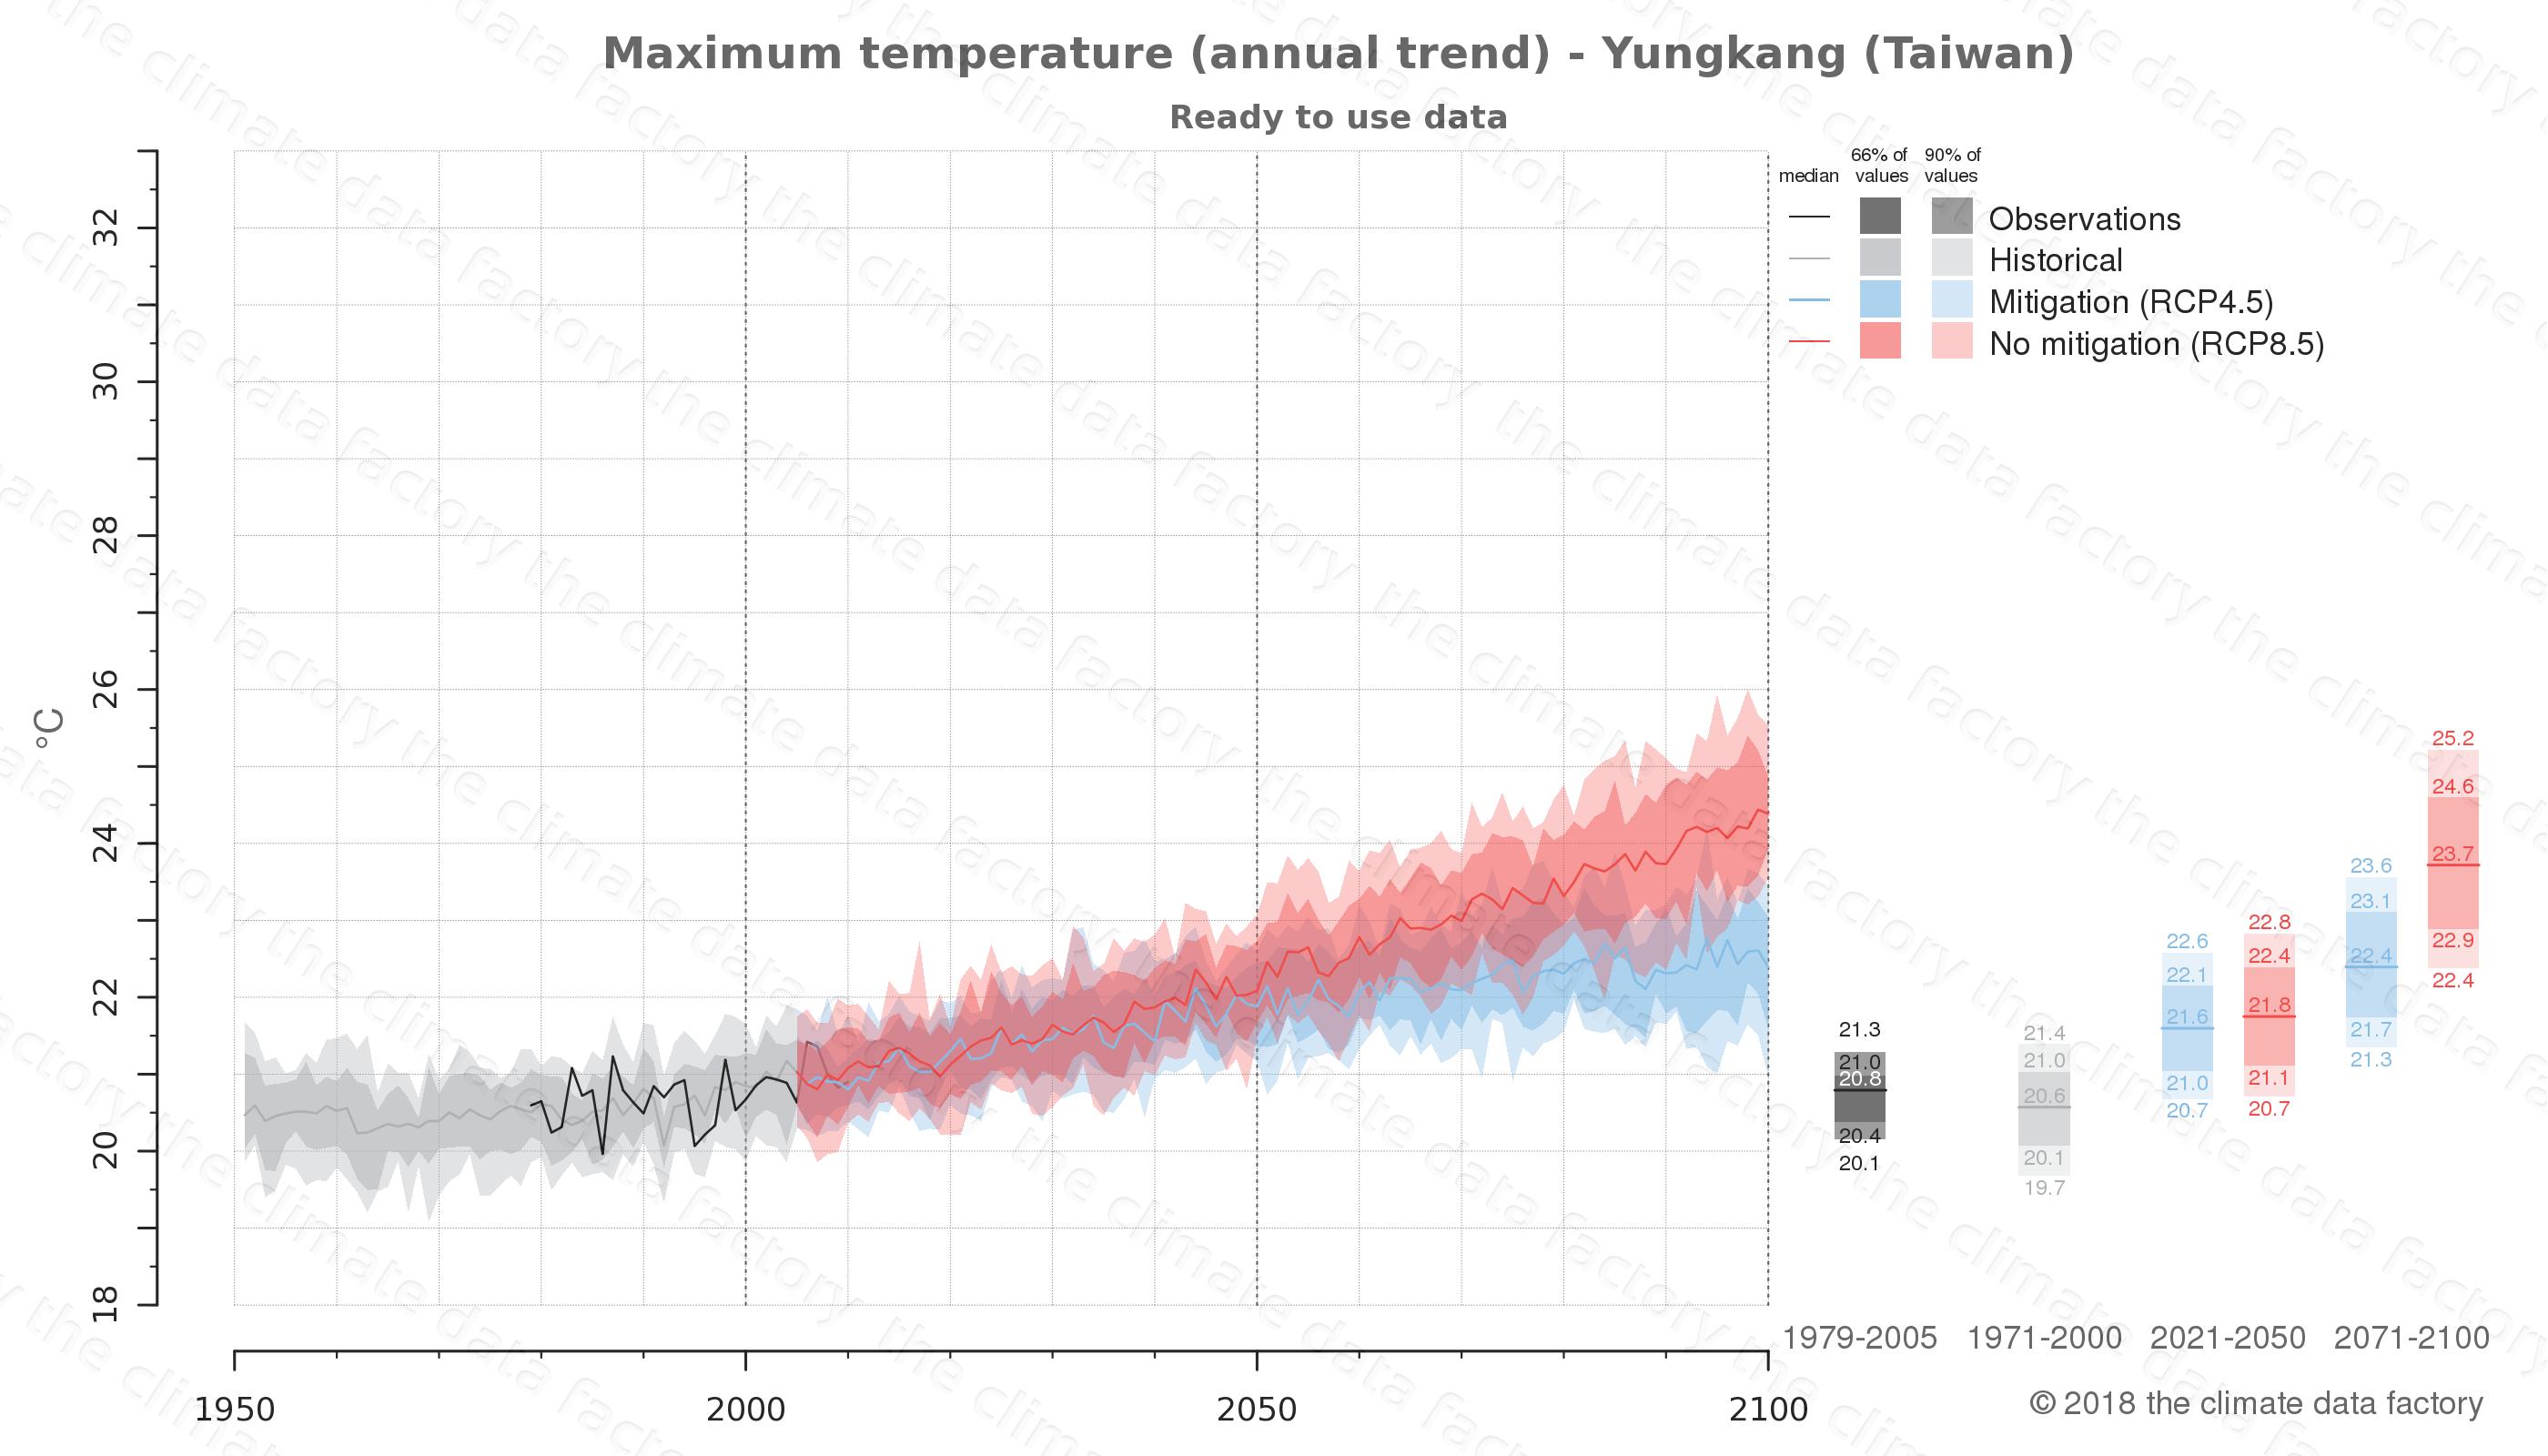 climate change data policy adaptation climate graph city data maximum-temperature yungkang taiwan